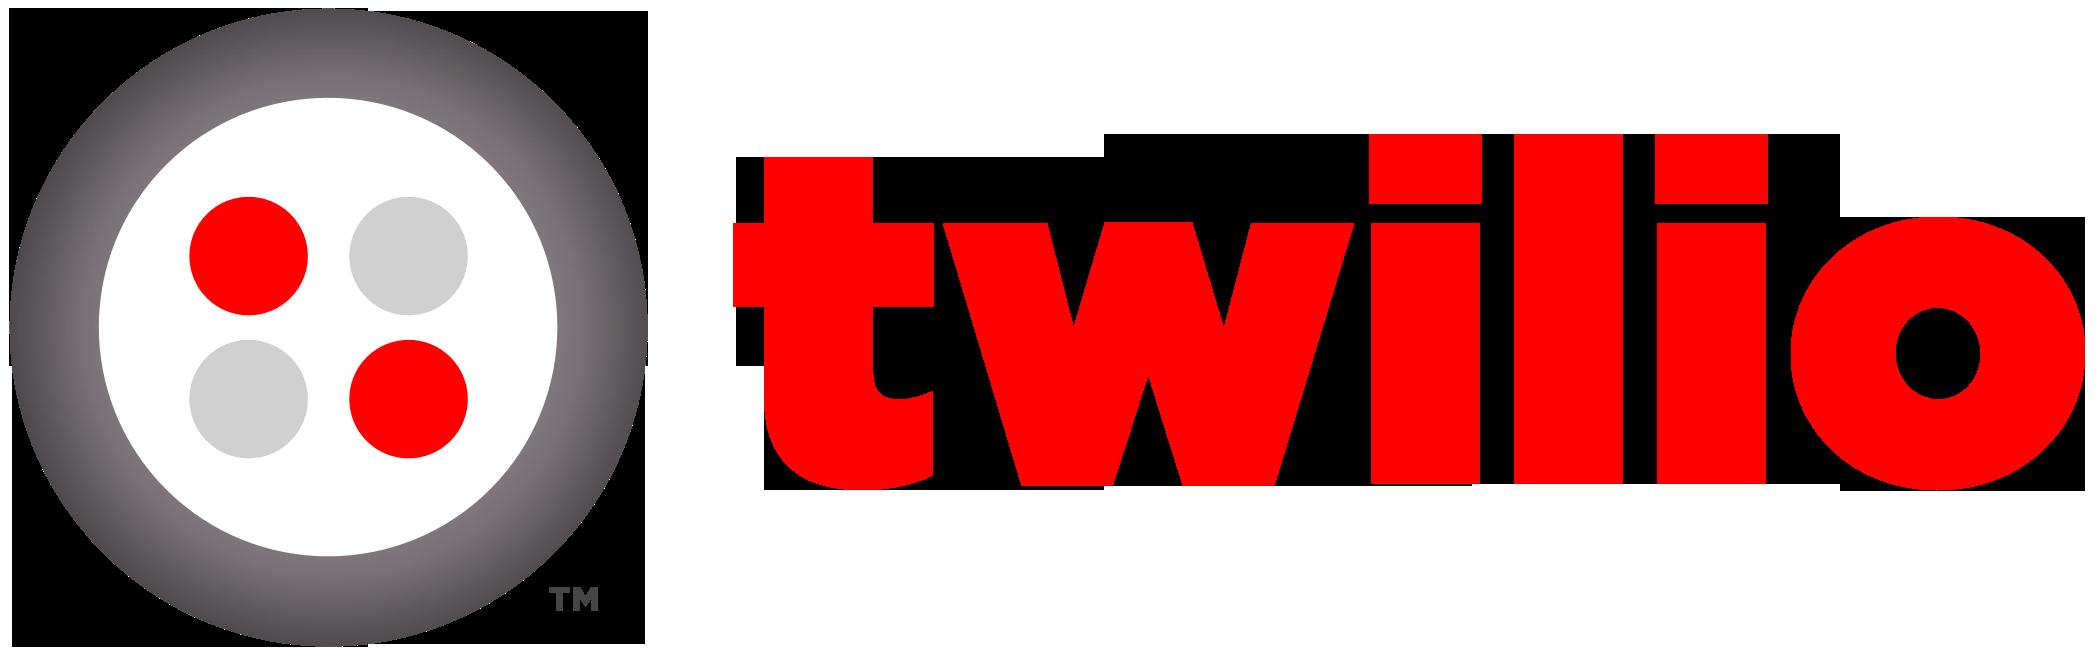 Twilio logo clipart